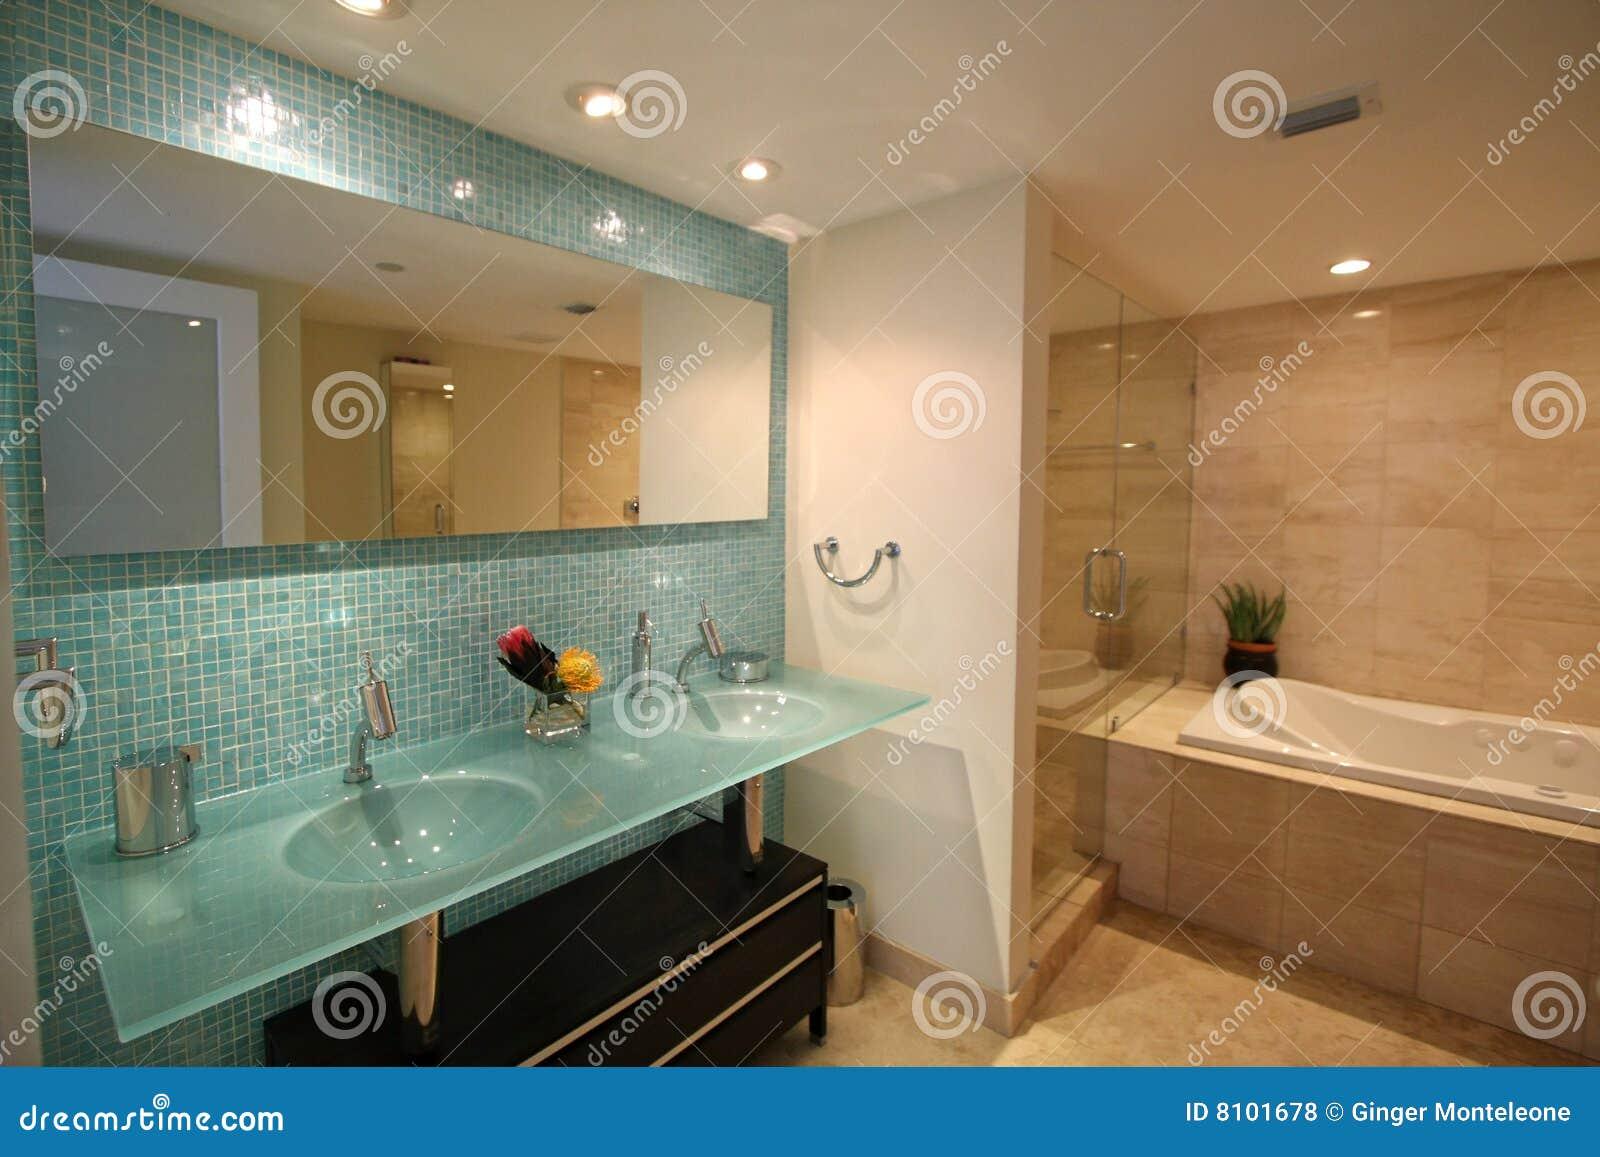 Banheiro Luxuoso Fotos de Stock Royalty Free Imagem: 8101678 #704928 1300x957 Banheiro Bonito De Marau